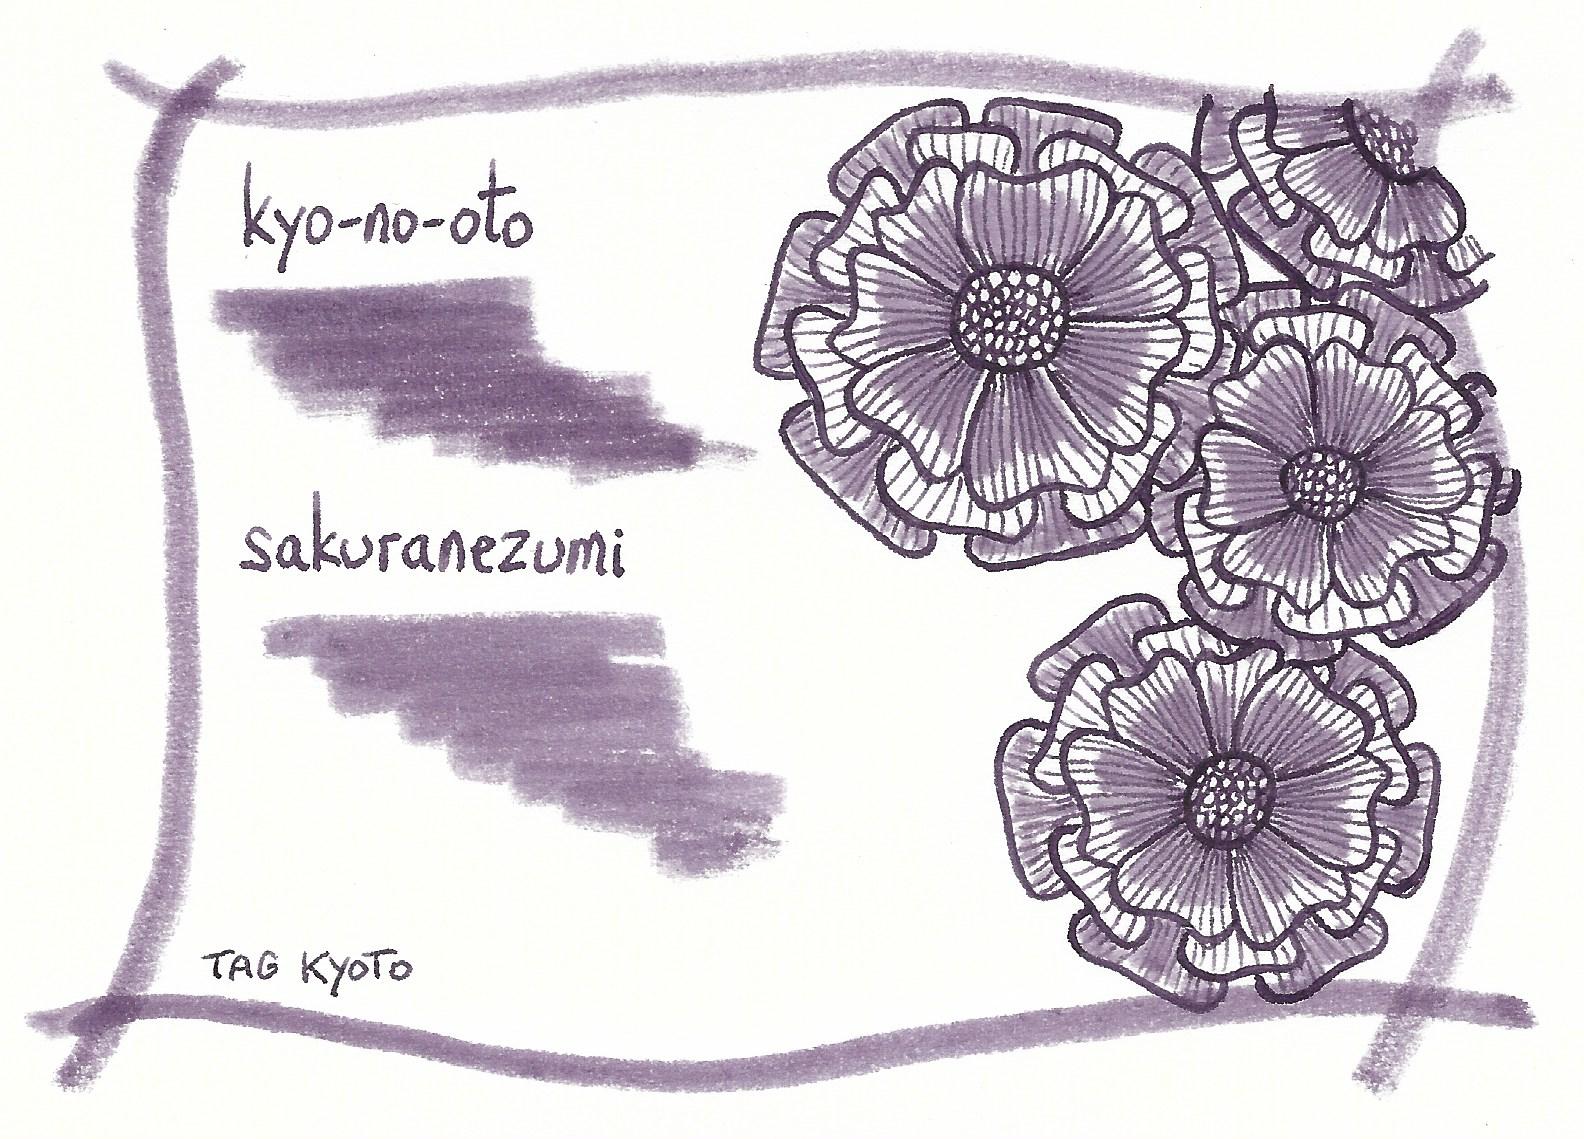 fpn_1584037116__kyo-no-oto_-_sakuranezum